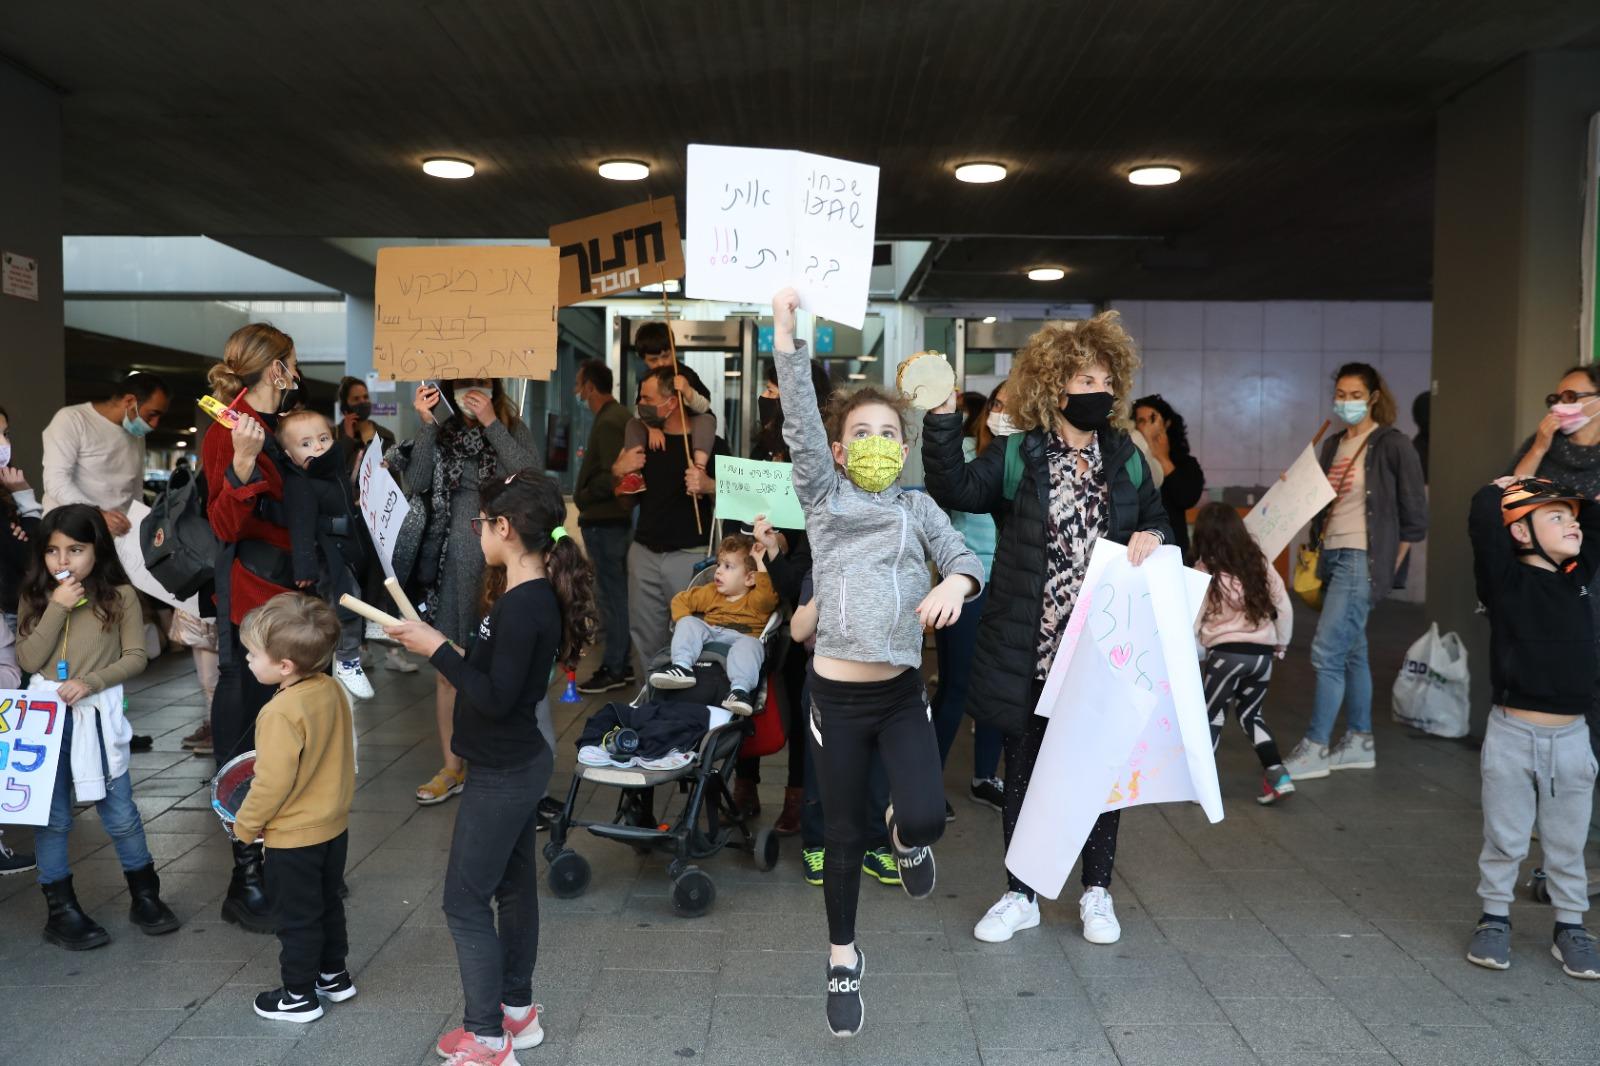 הילדים וההורים מפגינים, השבוע מחוץ לבניין העירייה (צילום: דין אהרוני רולנד)